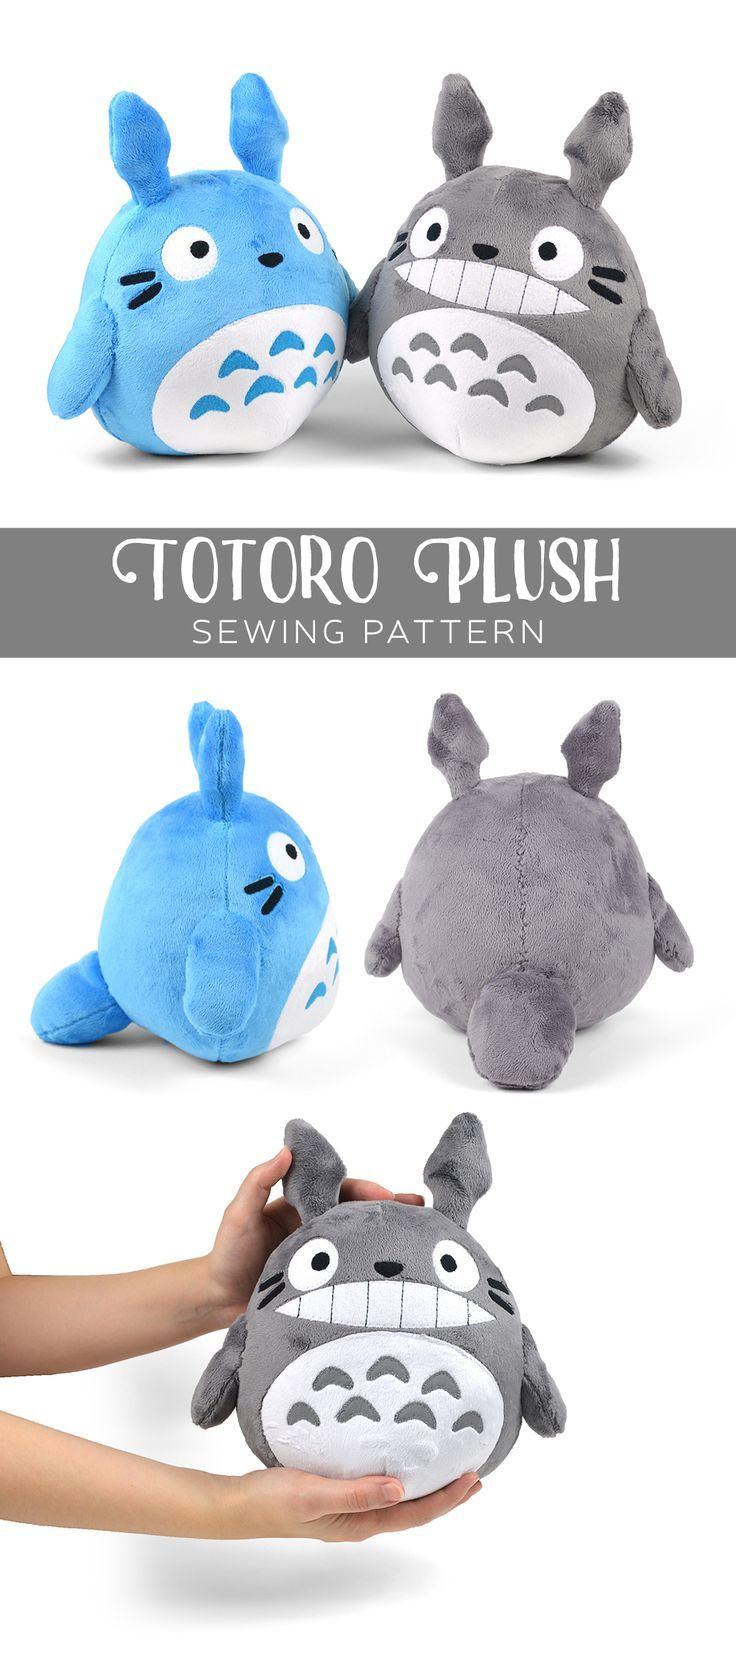 Totoro plush free sewing project pattern PDF! Cuteness!!